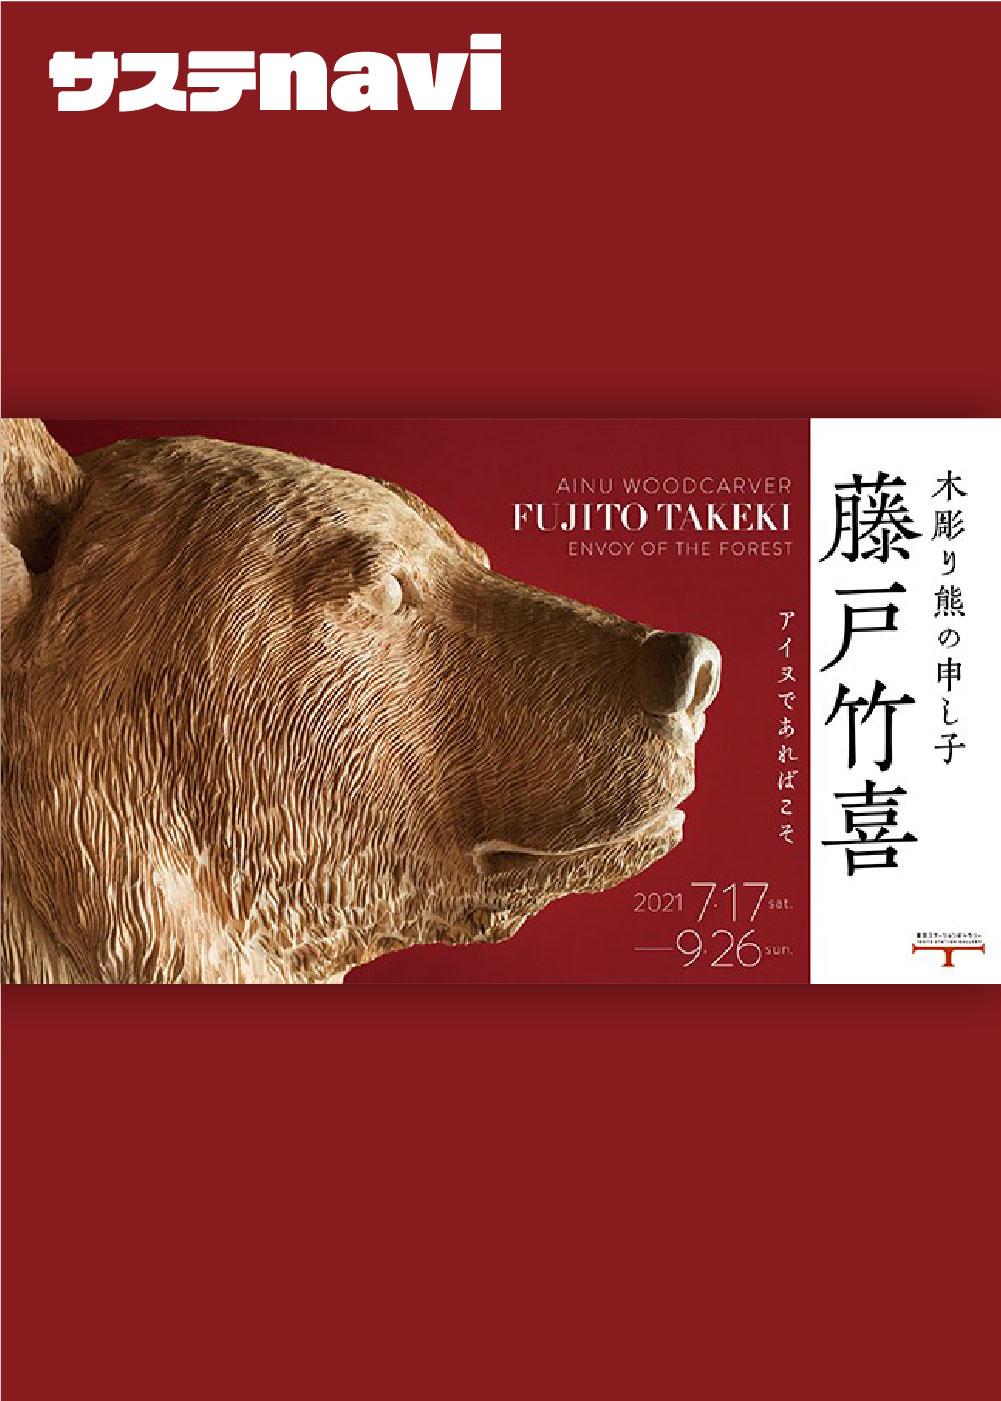 すぐれた木彫芸術とアイヌ民族の歴史にふれる『木彫り熊の申し子 藤戸竹喜 アイヌであればこそ』